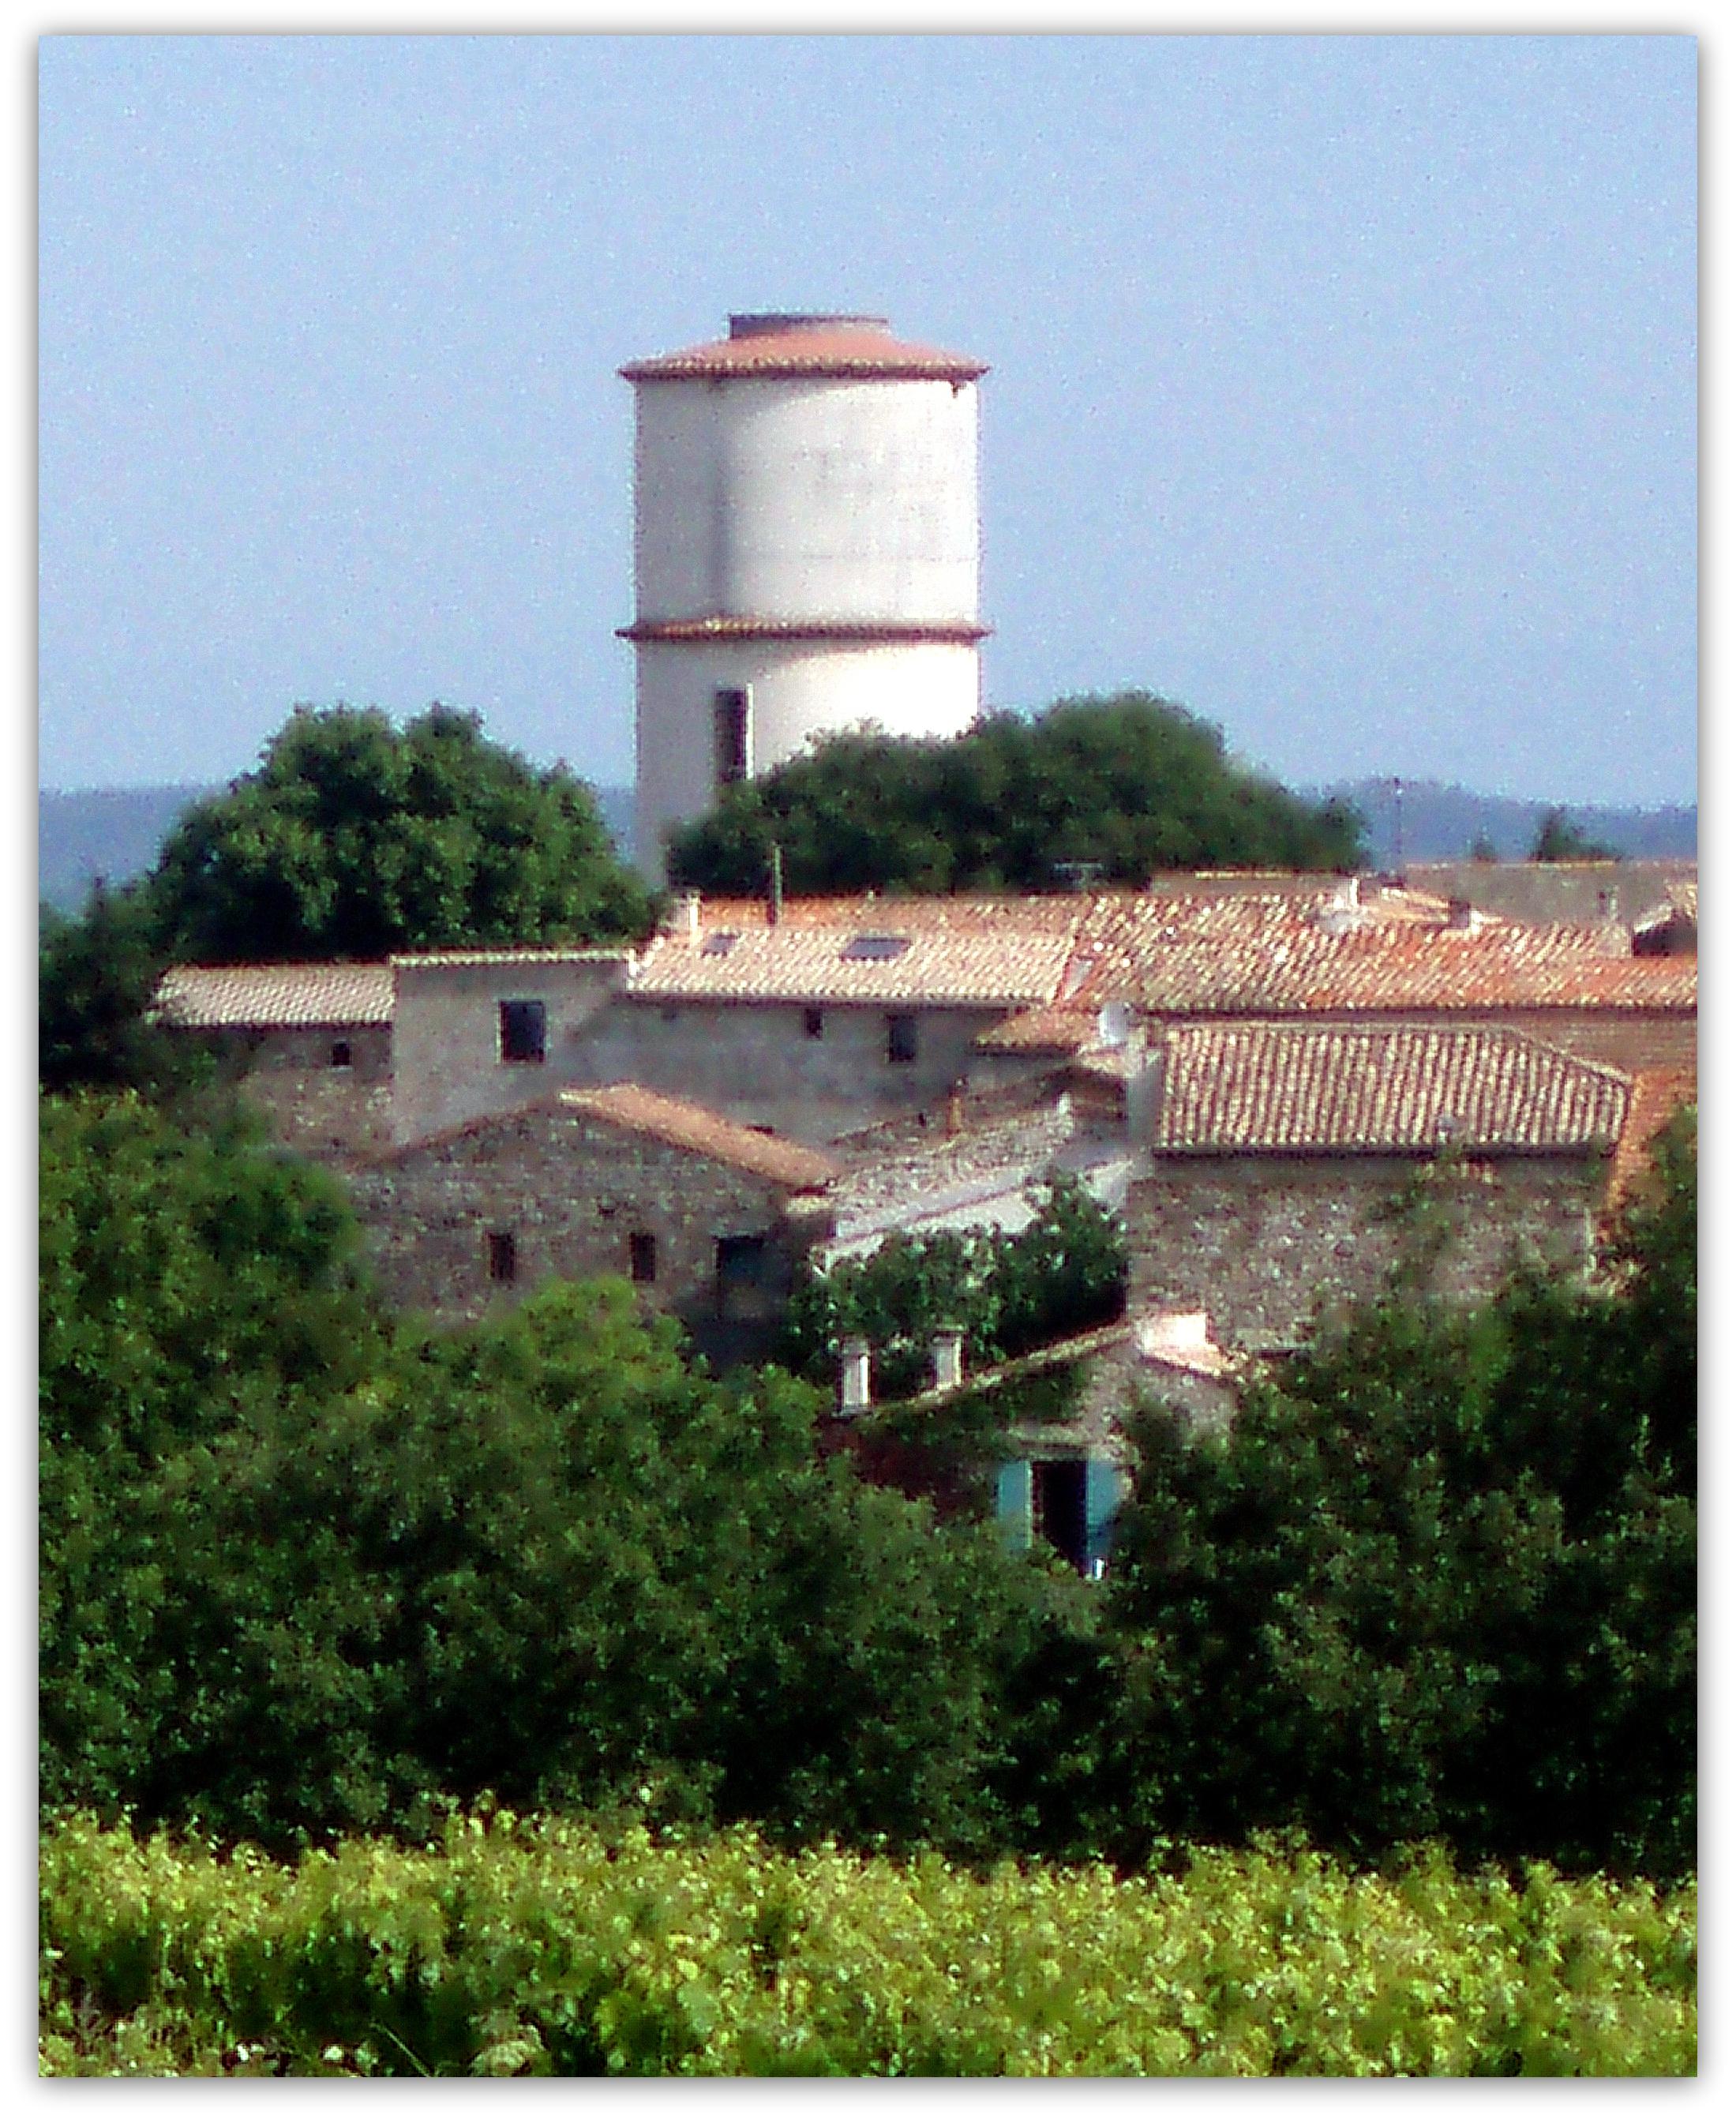 village vue vers chateau d'eau